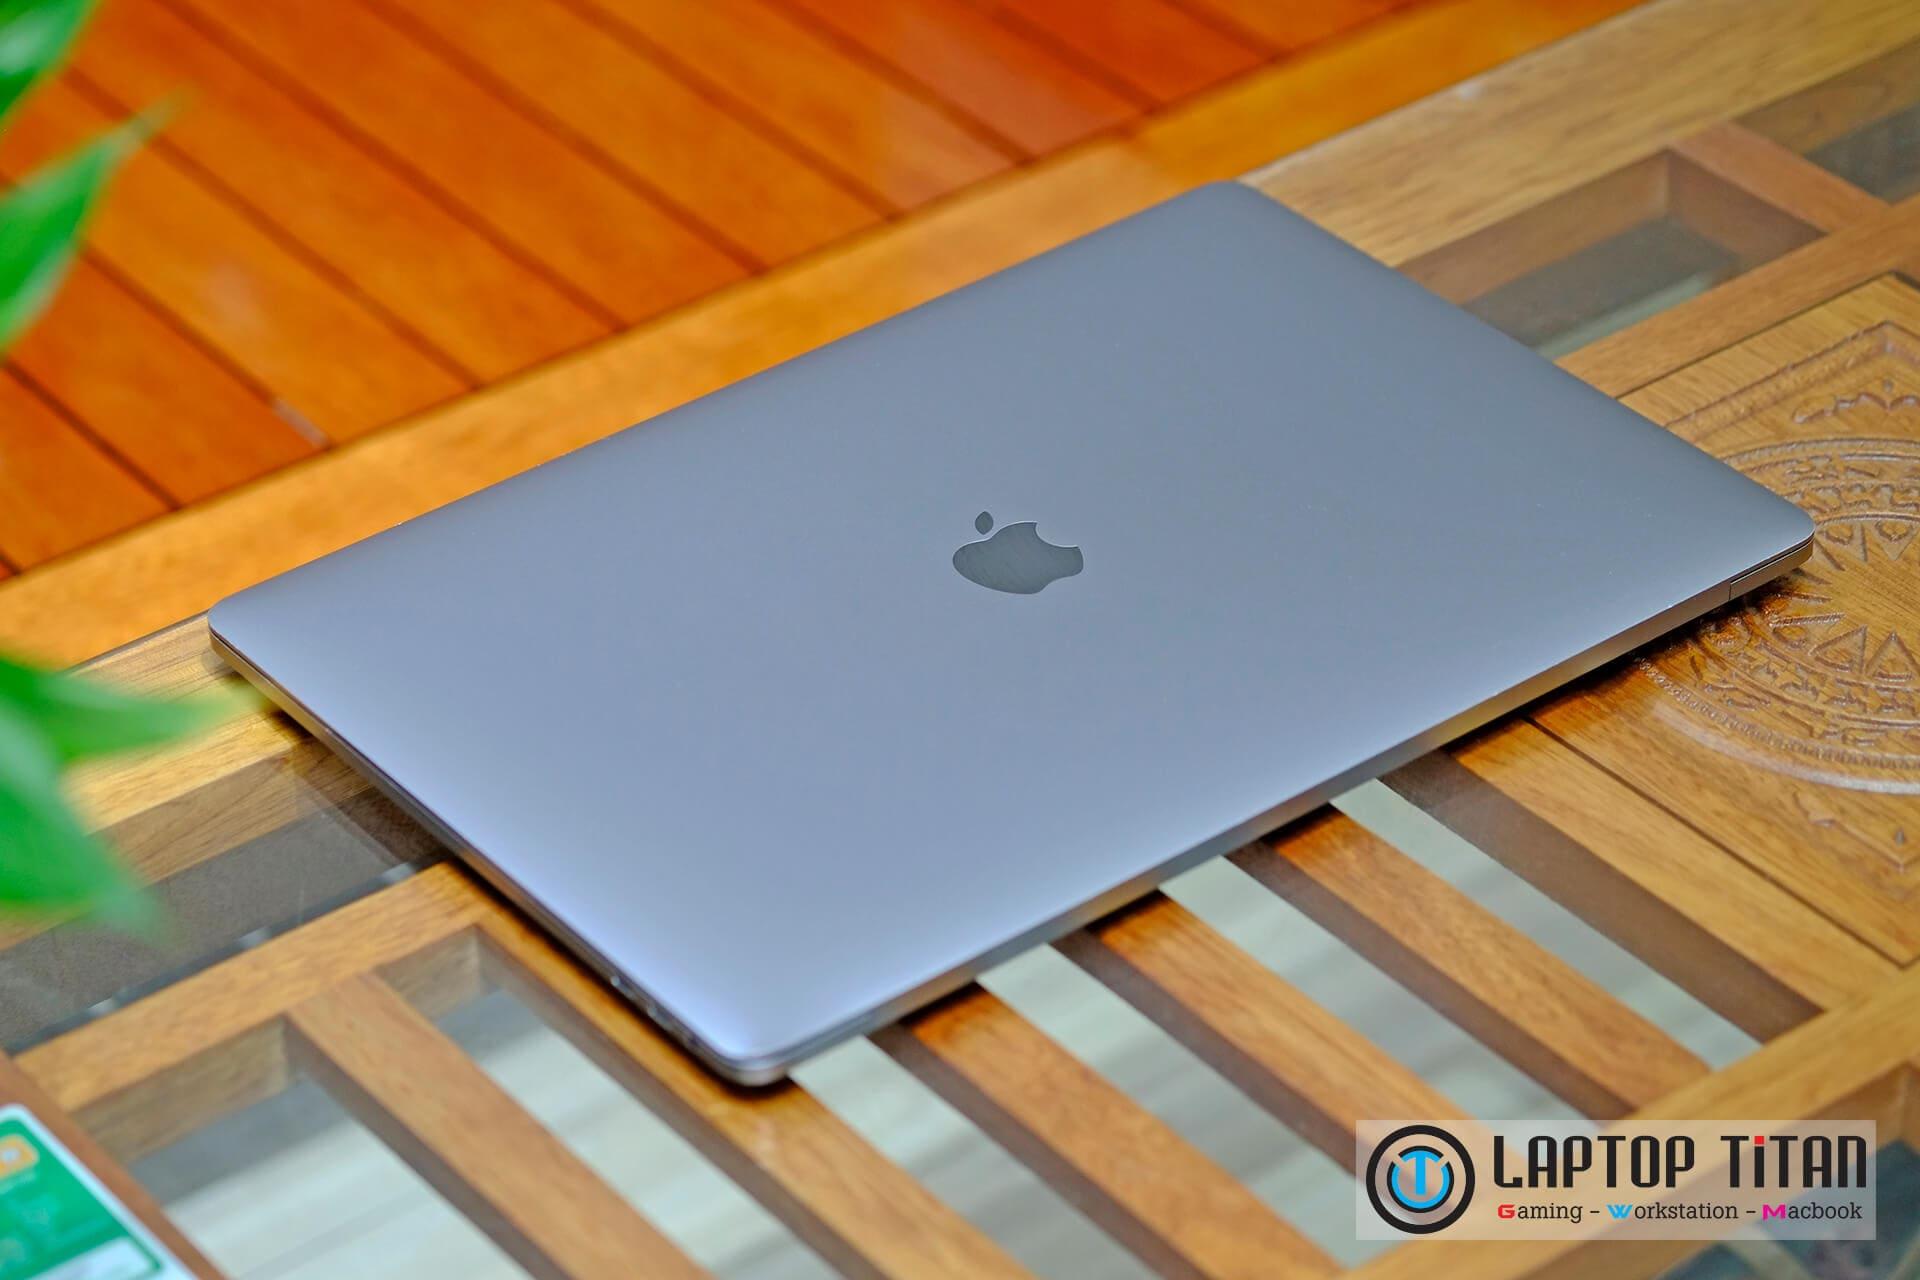 Macbook Pro Touchbar 15 Inch Laptoptitan 07